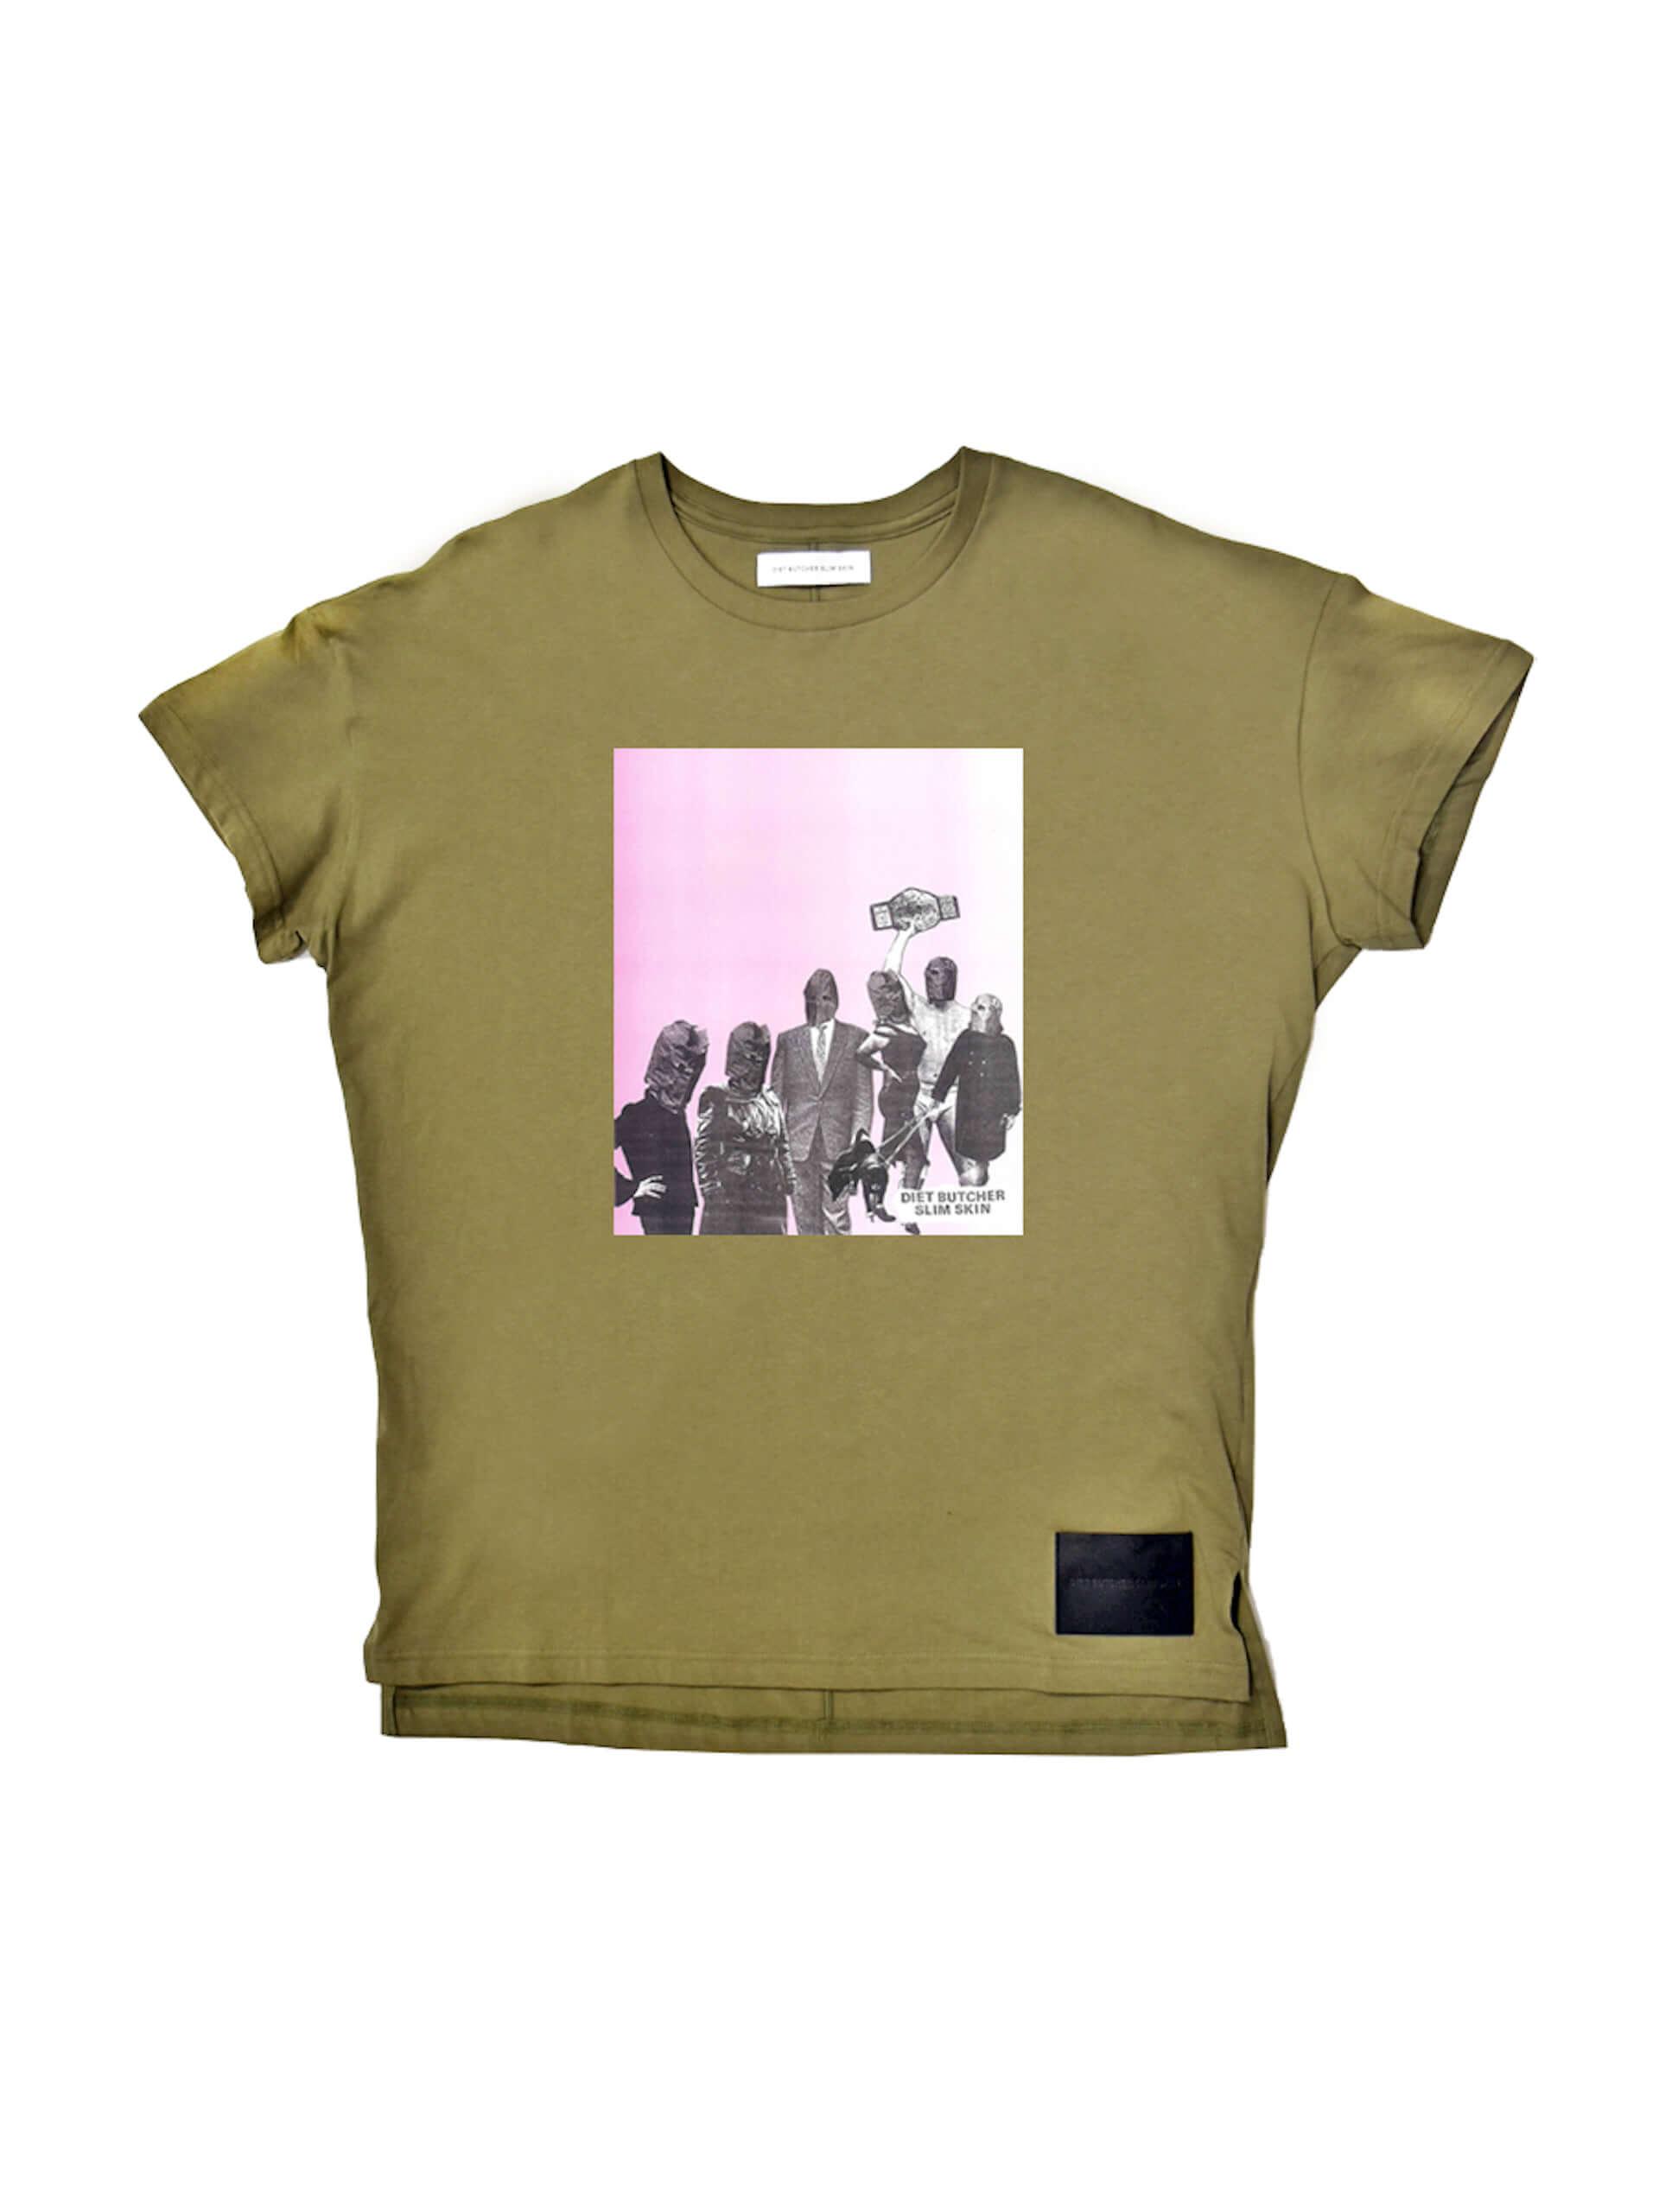 DIET BUTCHER SLIM SKINオンライン限定Tシャツに12種類のグラフィックが復刻!「GRAPHIC GALLERY」カテゴリがオープン 200415_graphic_gallery_17-1920x2560